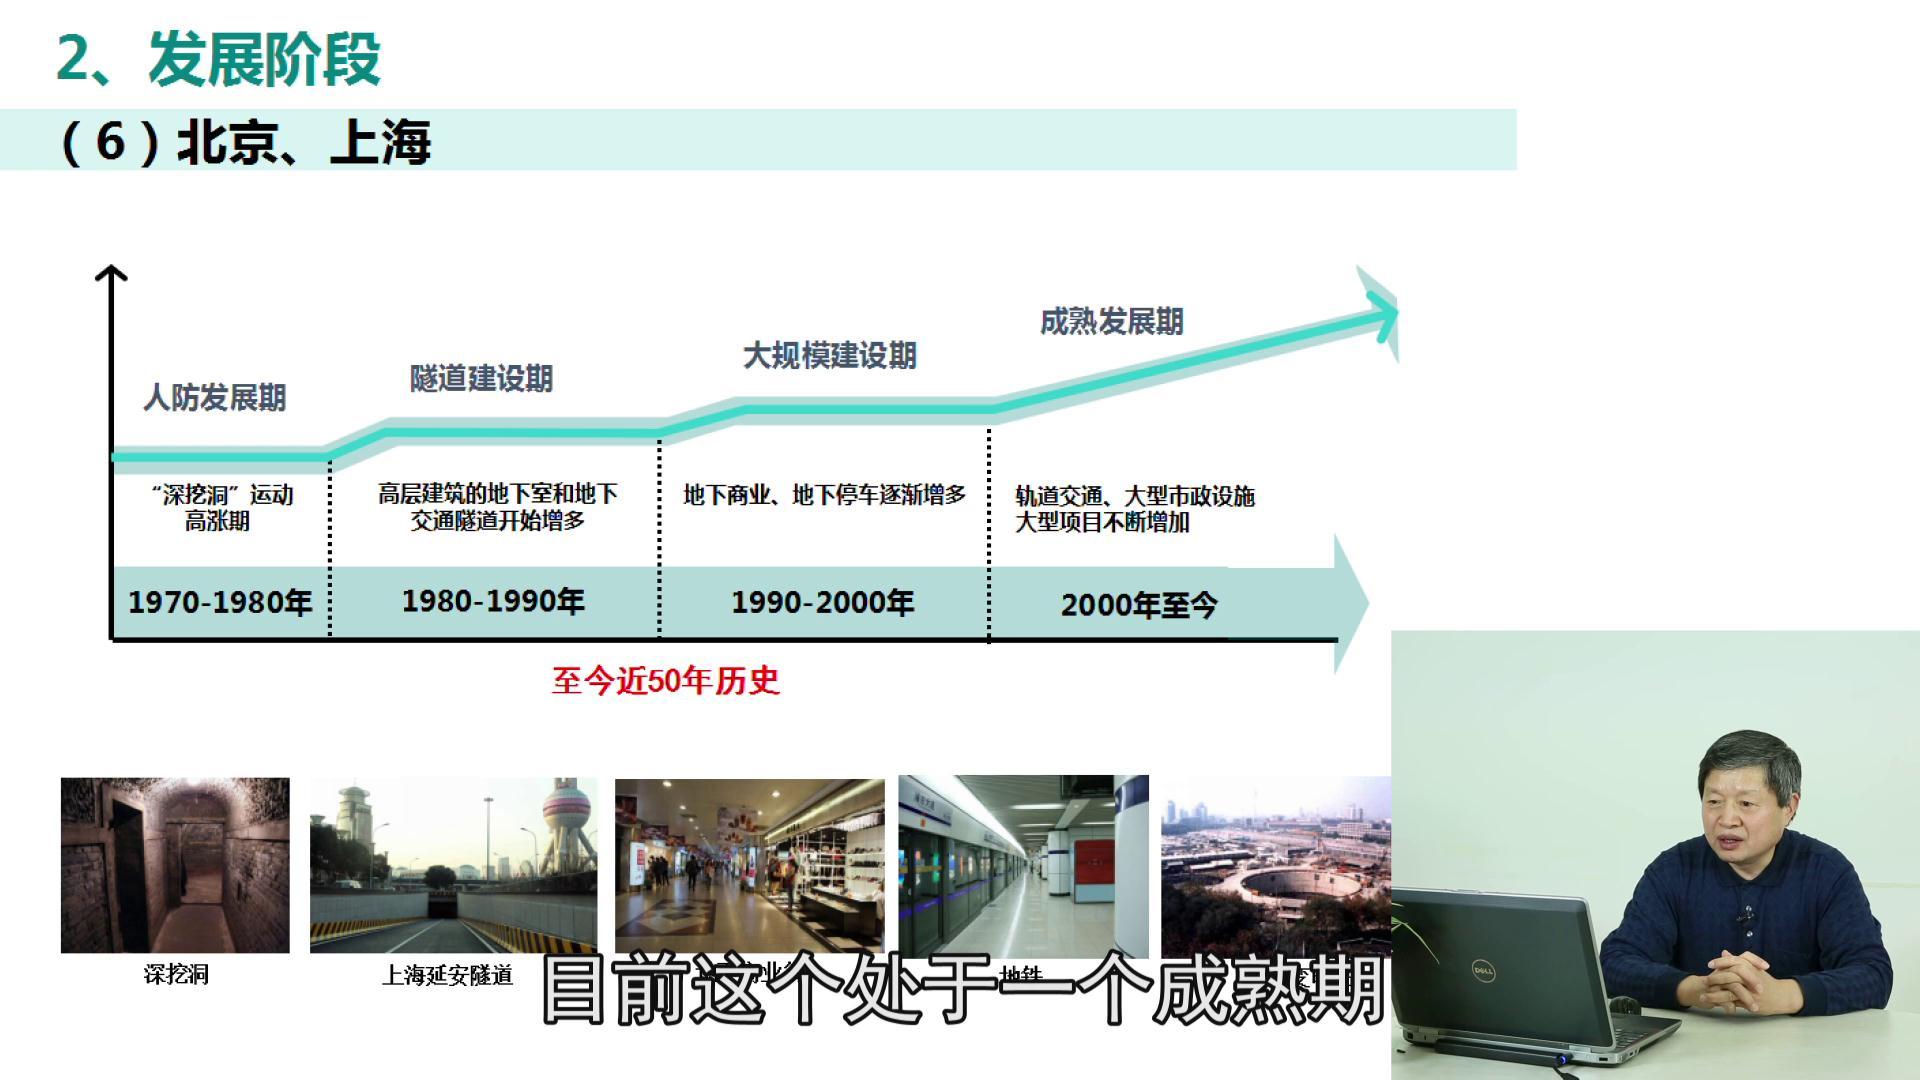 负责完成的各类规划设计和研究项目200多个,获国家优秀规划设计